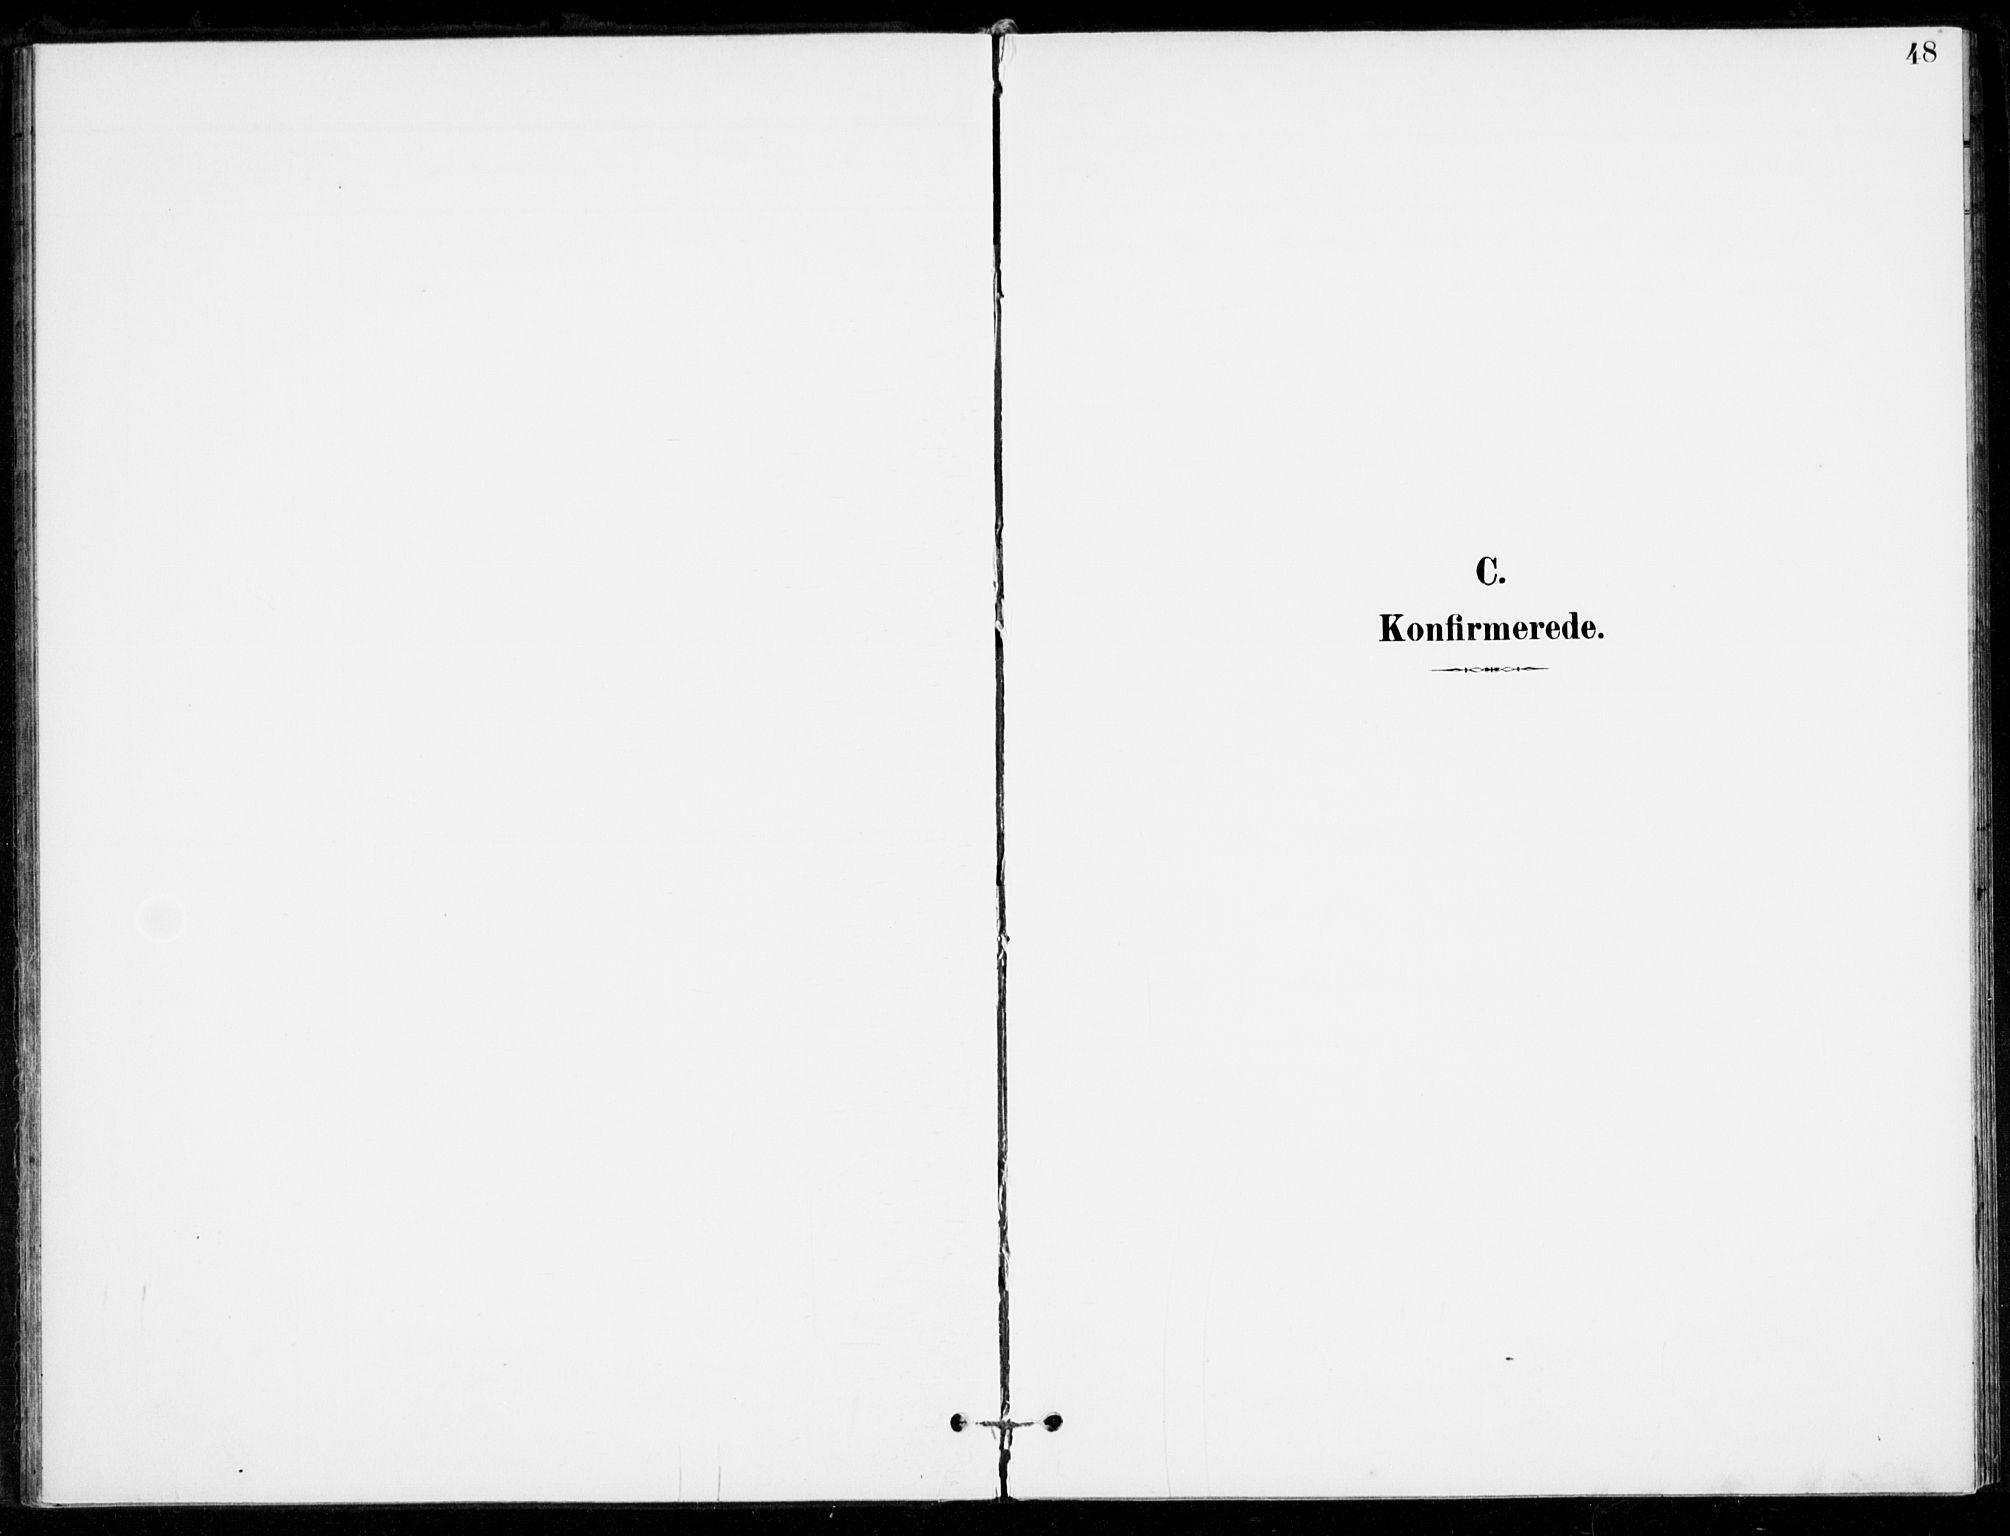 SAKO, Åssiden kirkebøker, F/Fa/L0002: Ministerialbok nr. 2, 1896-1916, s. 48